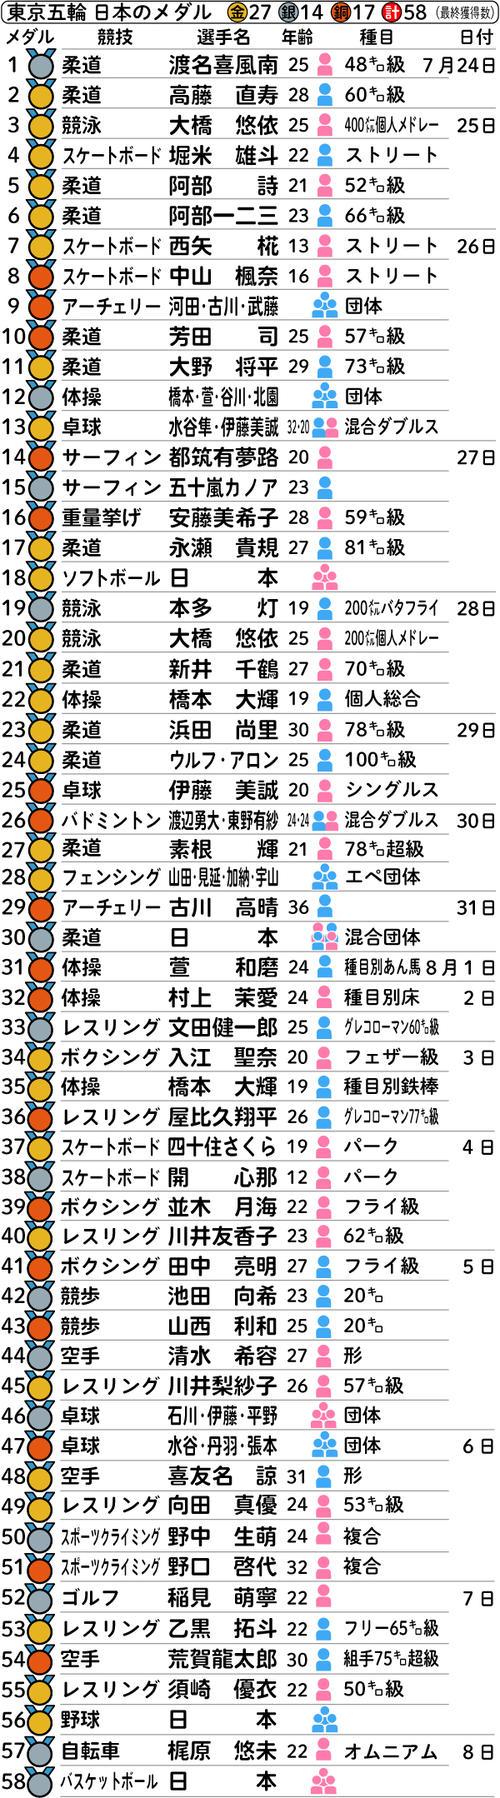 東京五輪 日本のメダル一覧